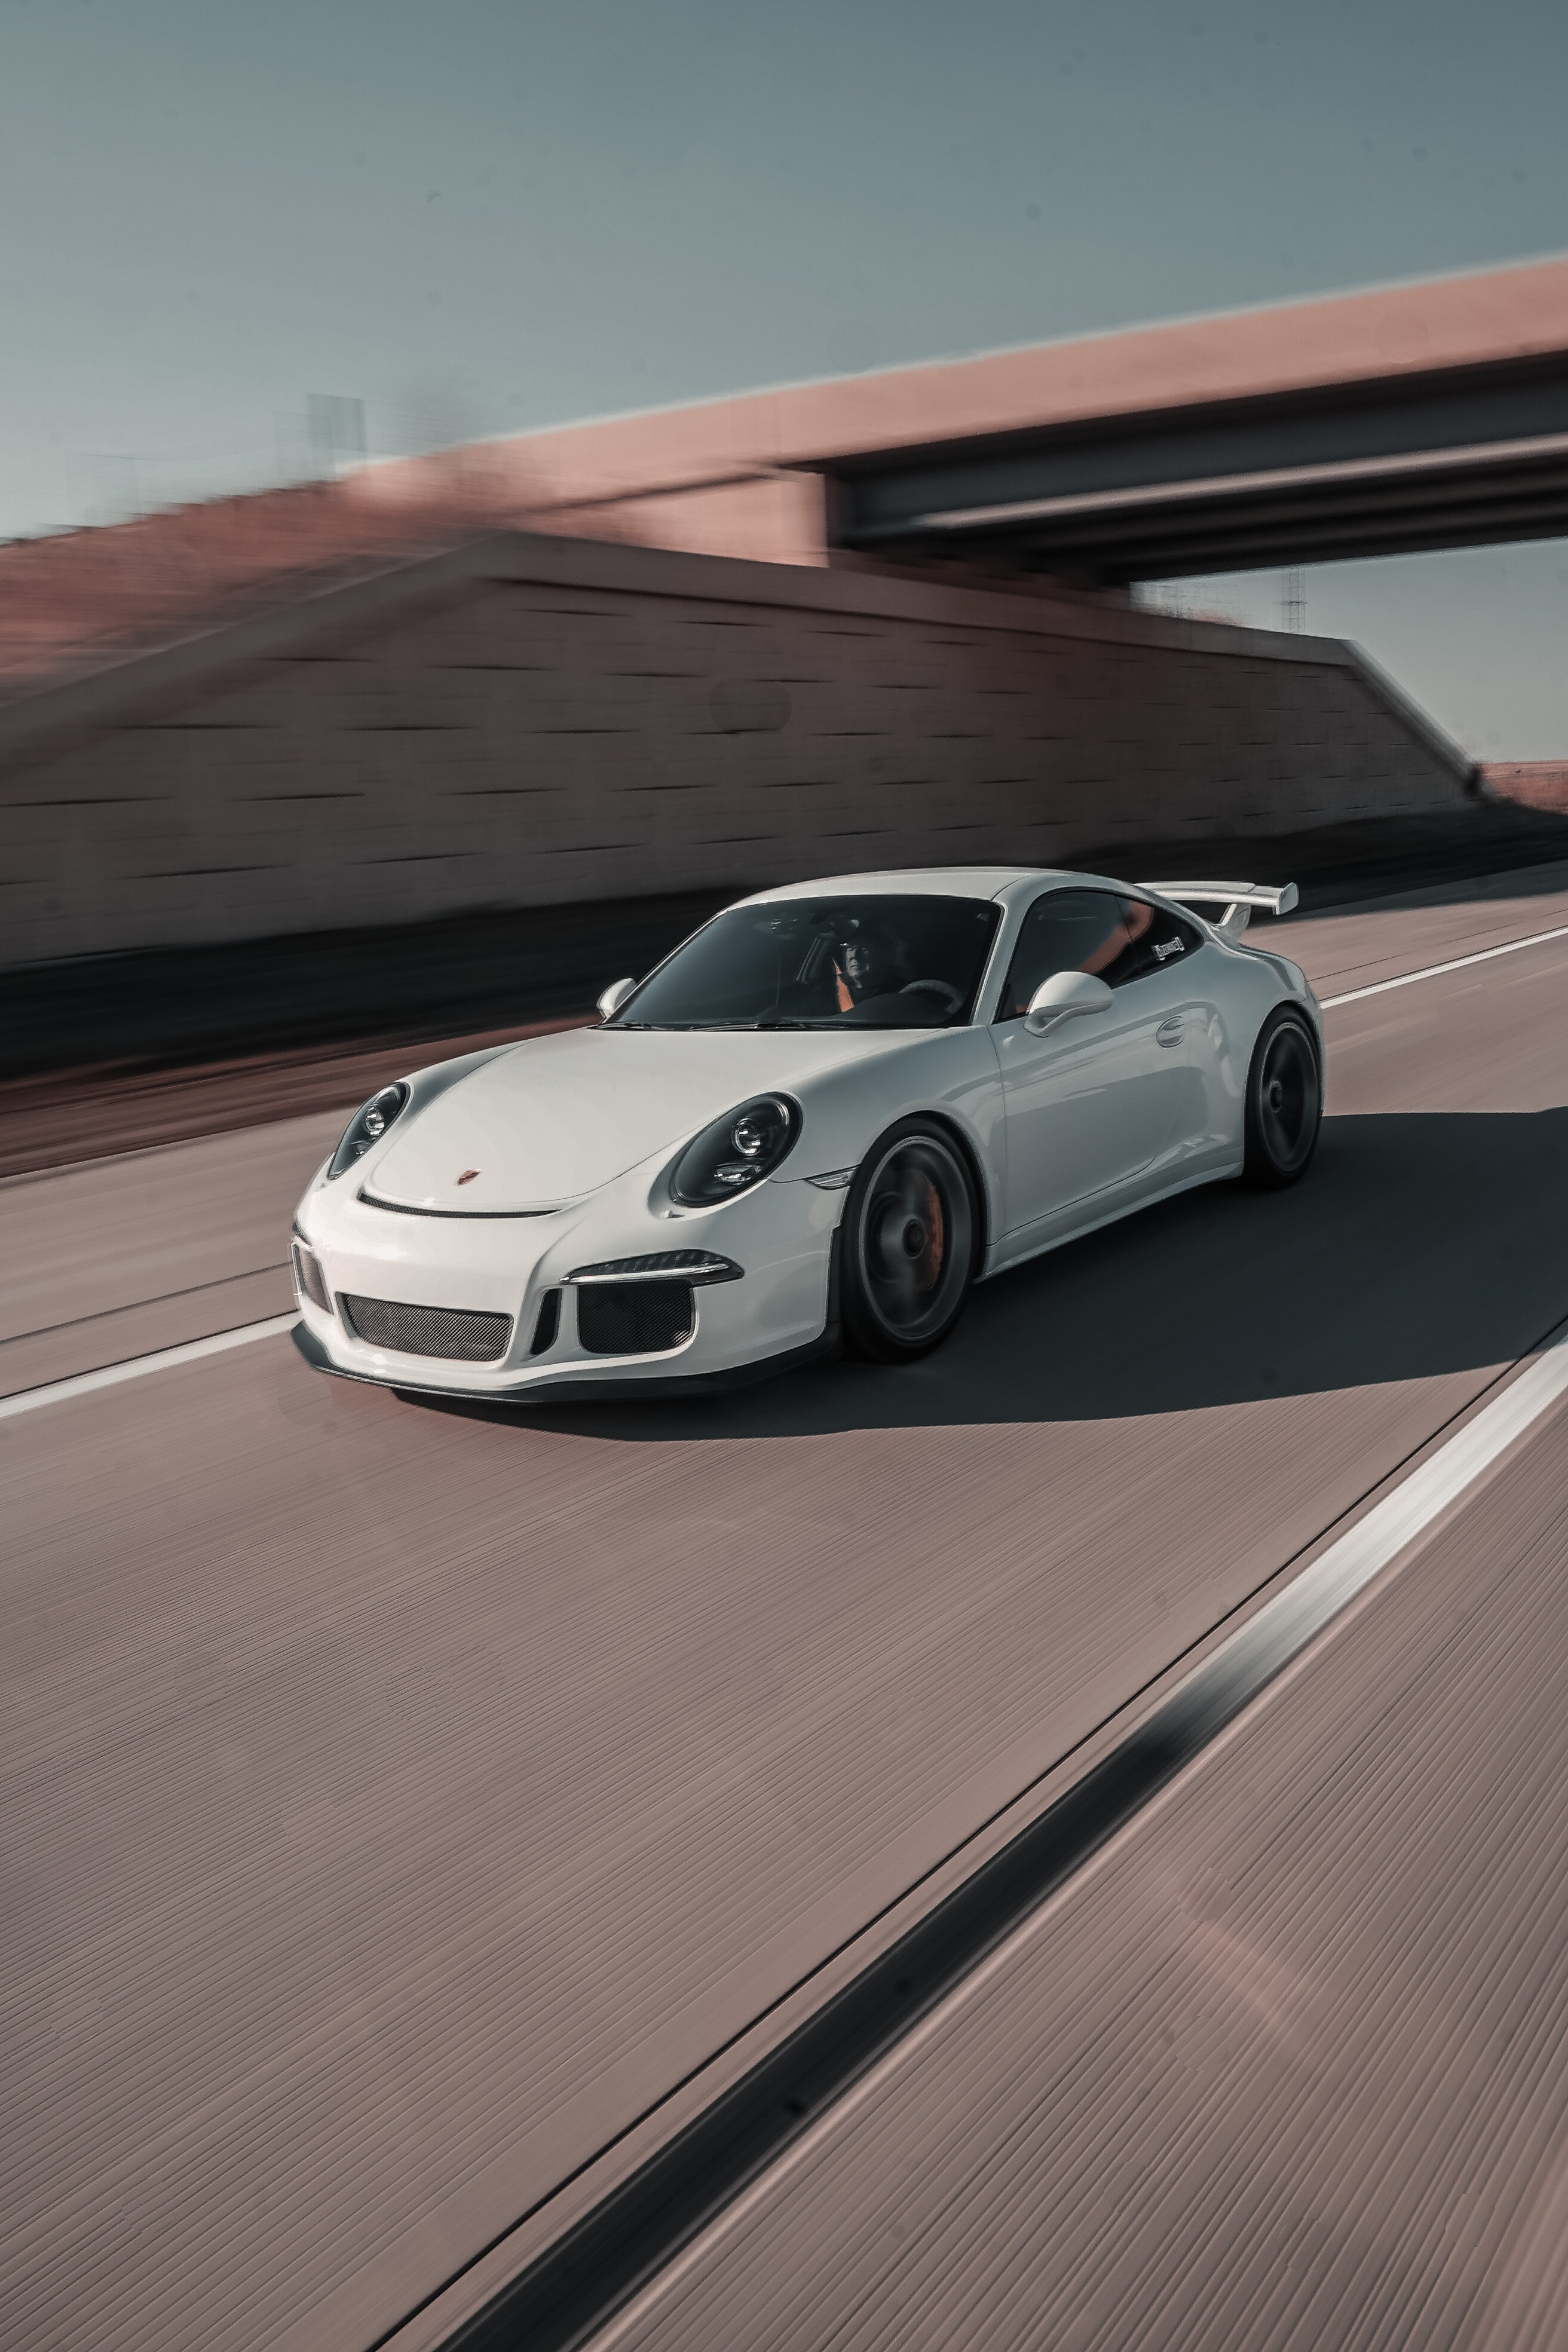 50562 Заставки и Обои Порш (Porsche) на телефон. Скачать Порш (Porsche), Тачки (Cars), Дорога, Автомобиль, Белый, Porsche 911, Скорость картинки бесплатно